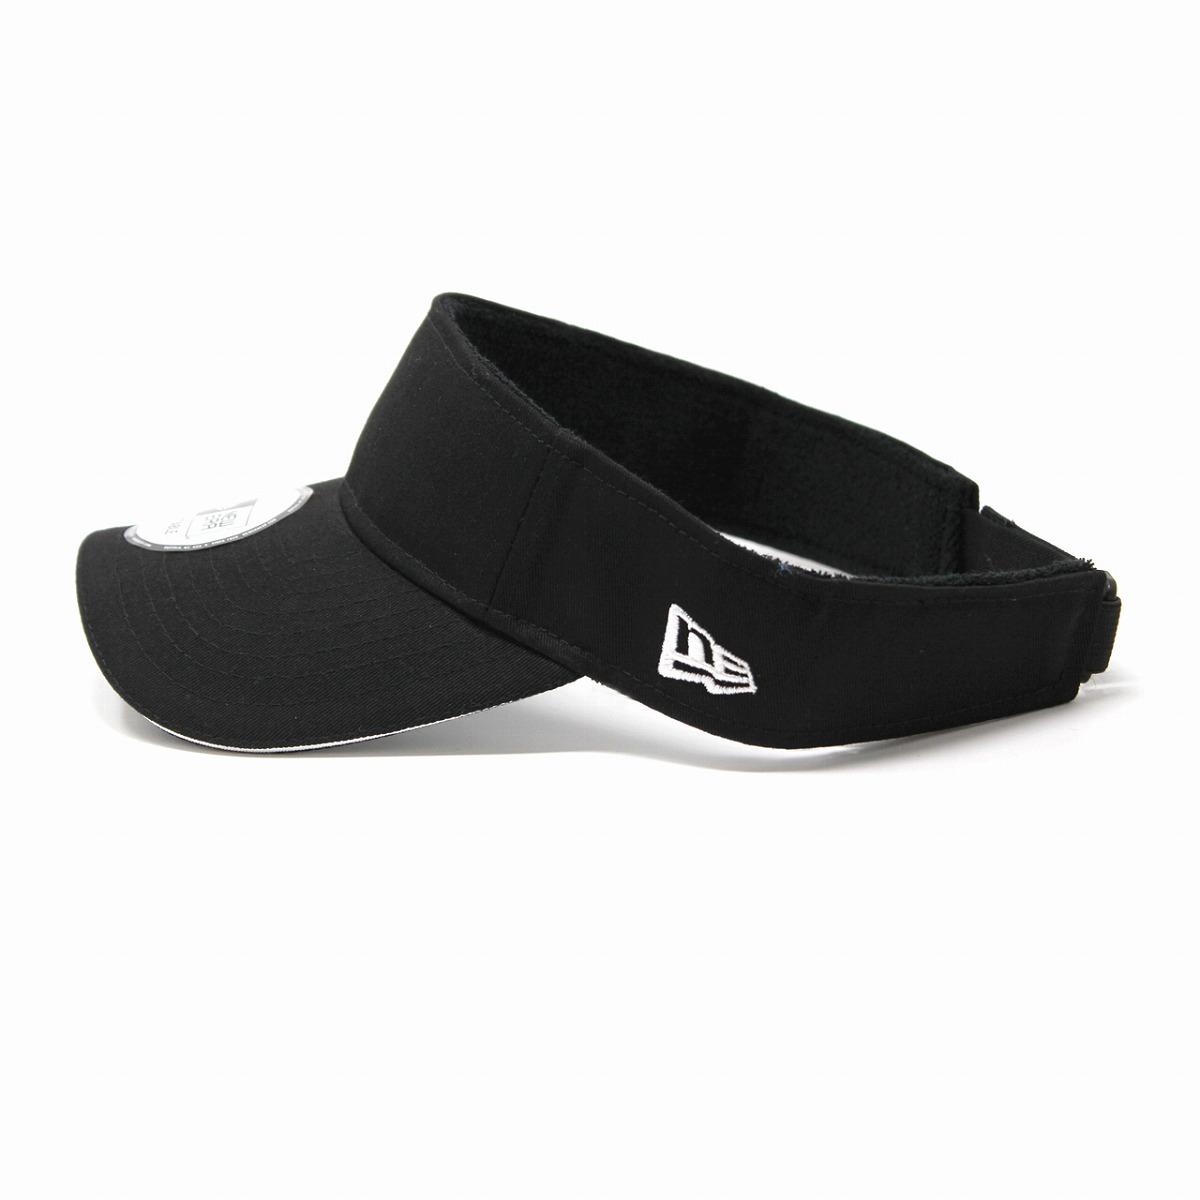 e3fdfb84 ELEHELM HAT STORE: Sun visor Lady's sports new gills sun visor men ...